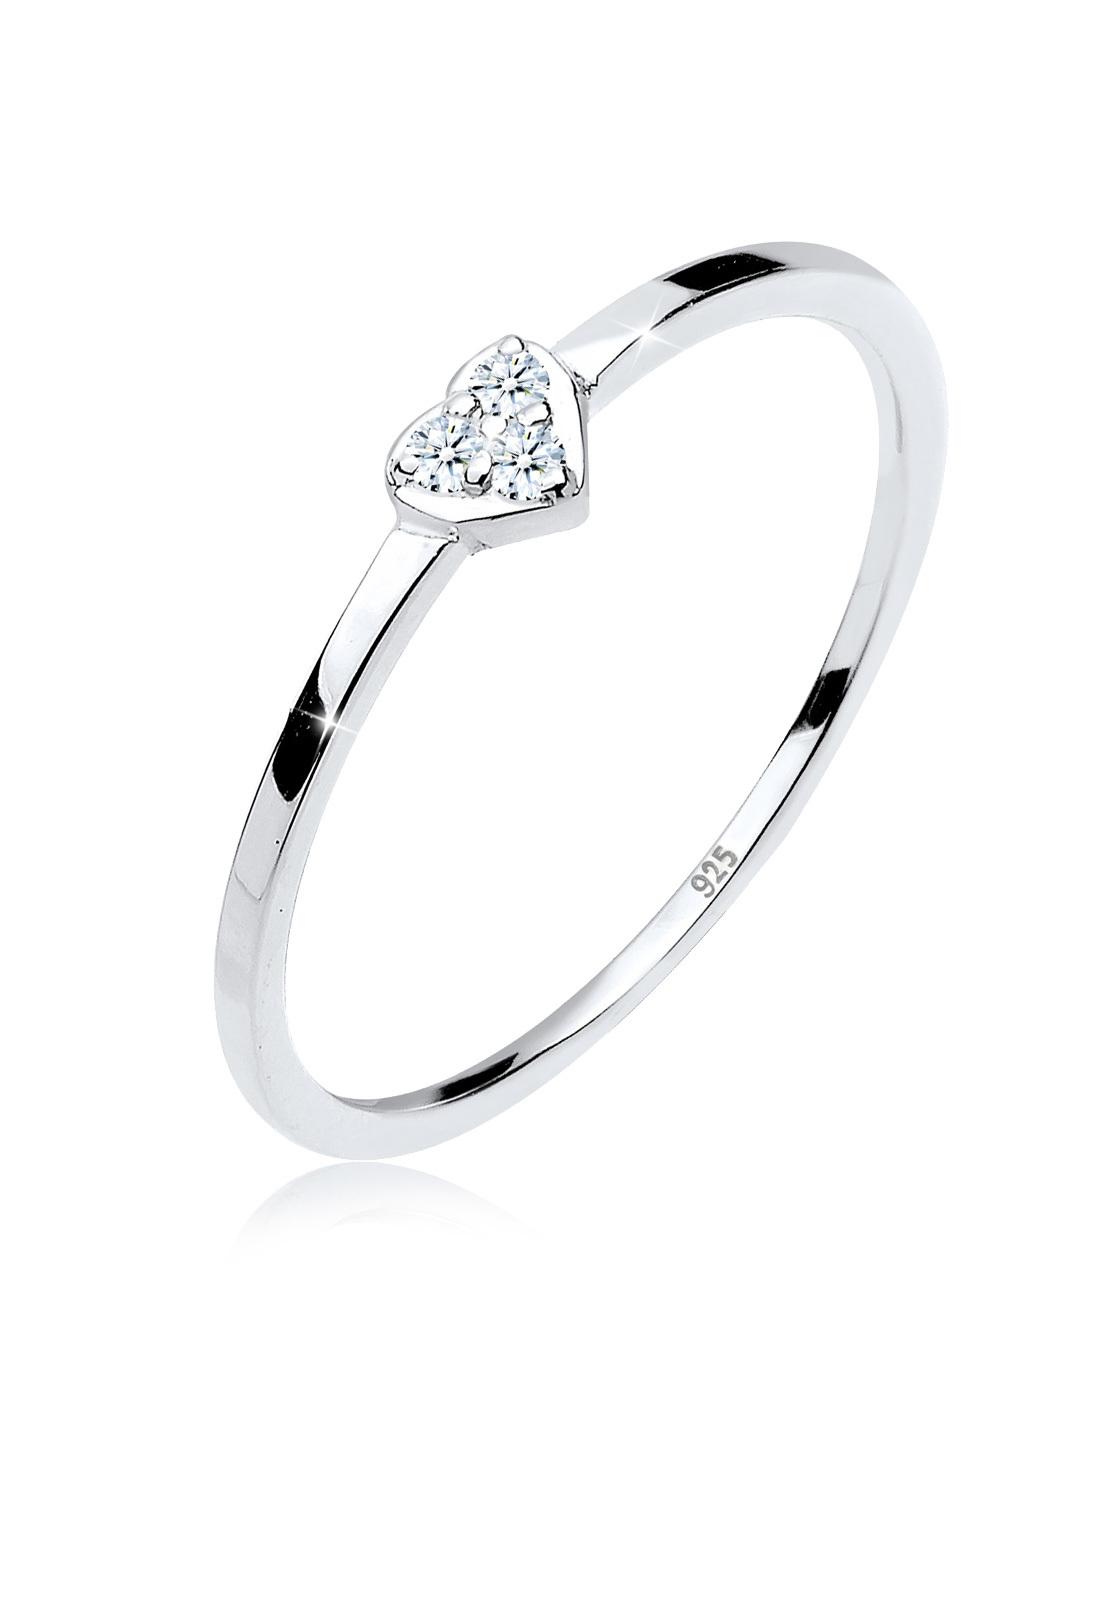 Verlobungsring Herz   Diamant ( Weiß, 0,045 ct )   925er Sterling Silber